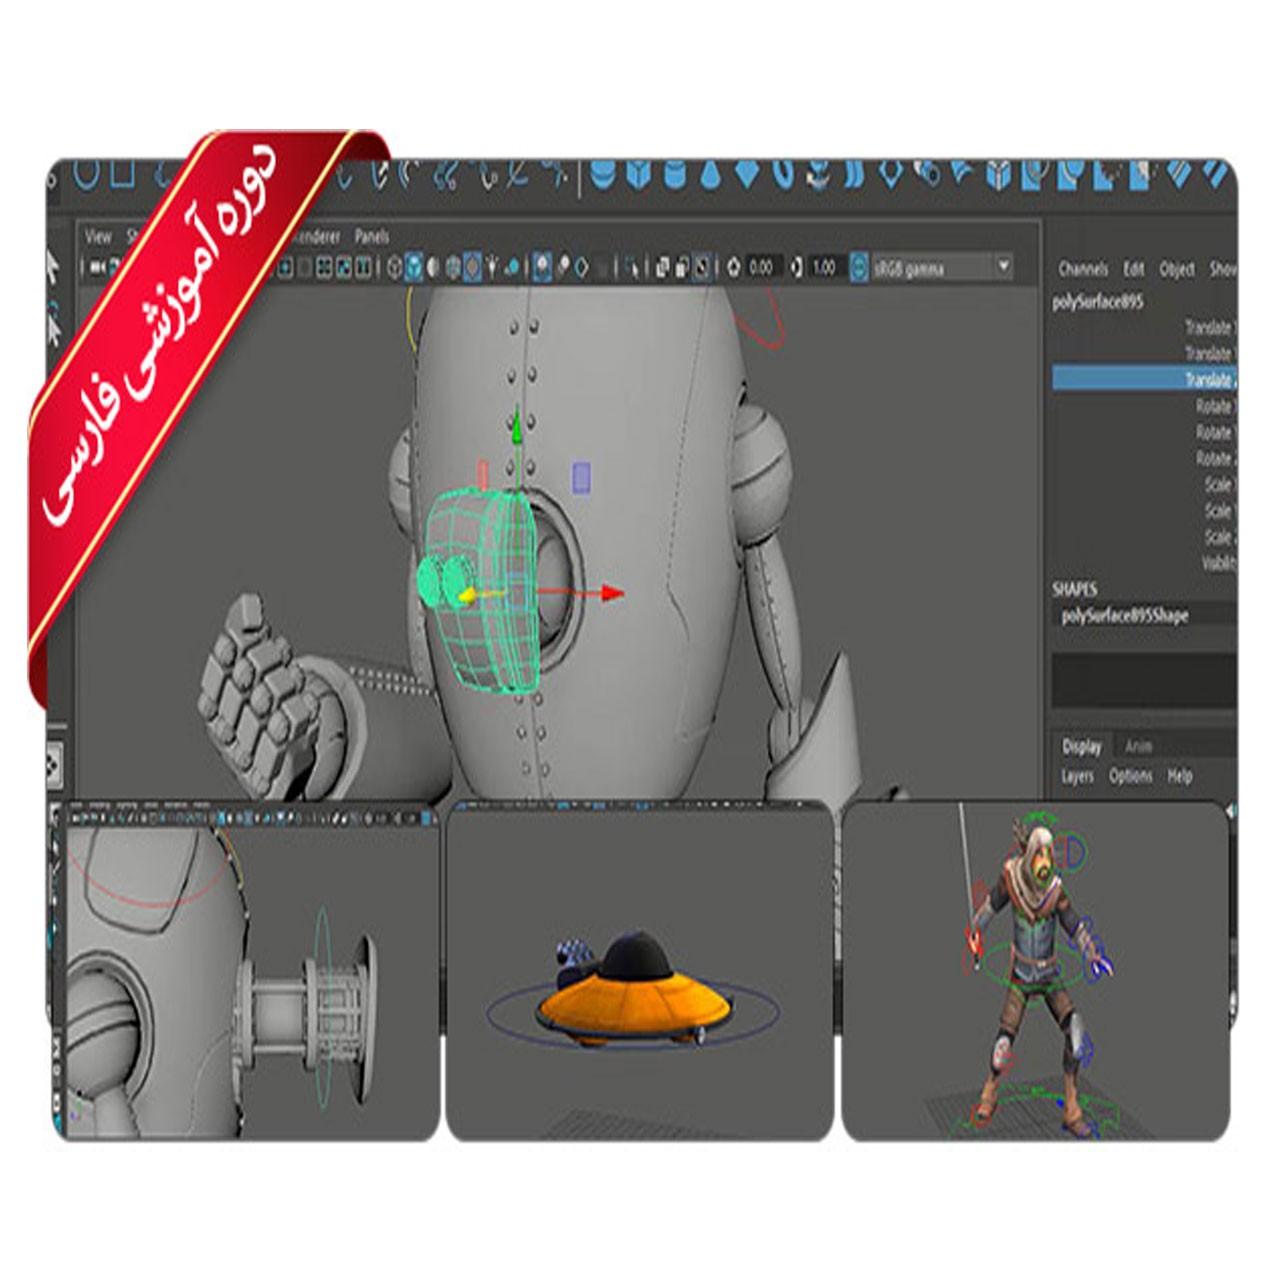 آموزش نرم افزار Animation in Maya